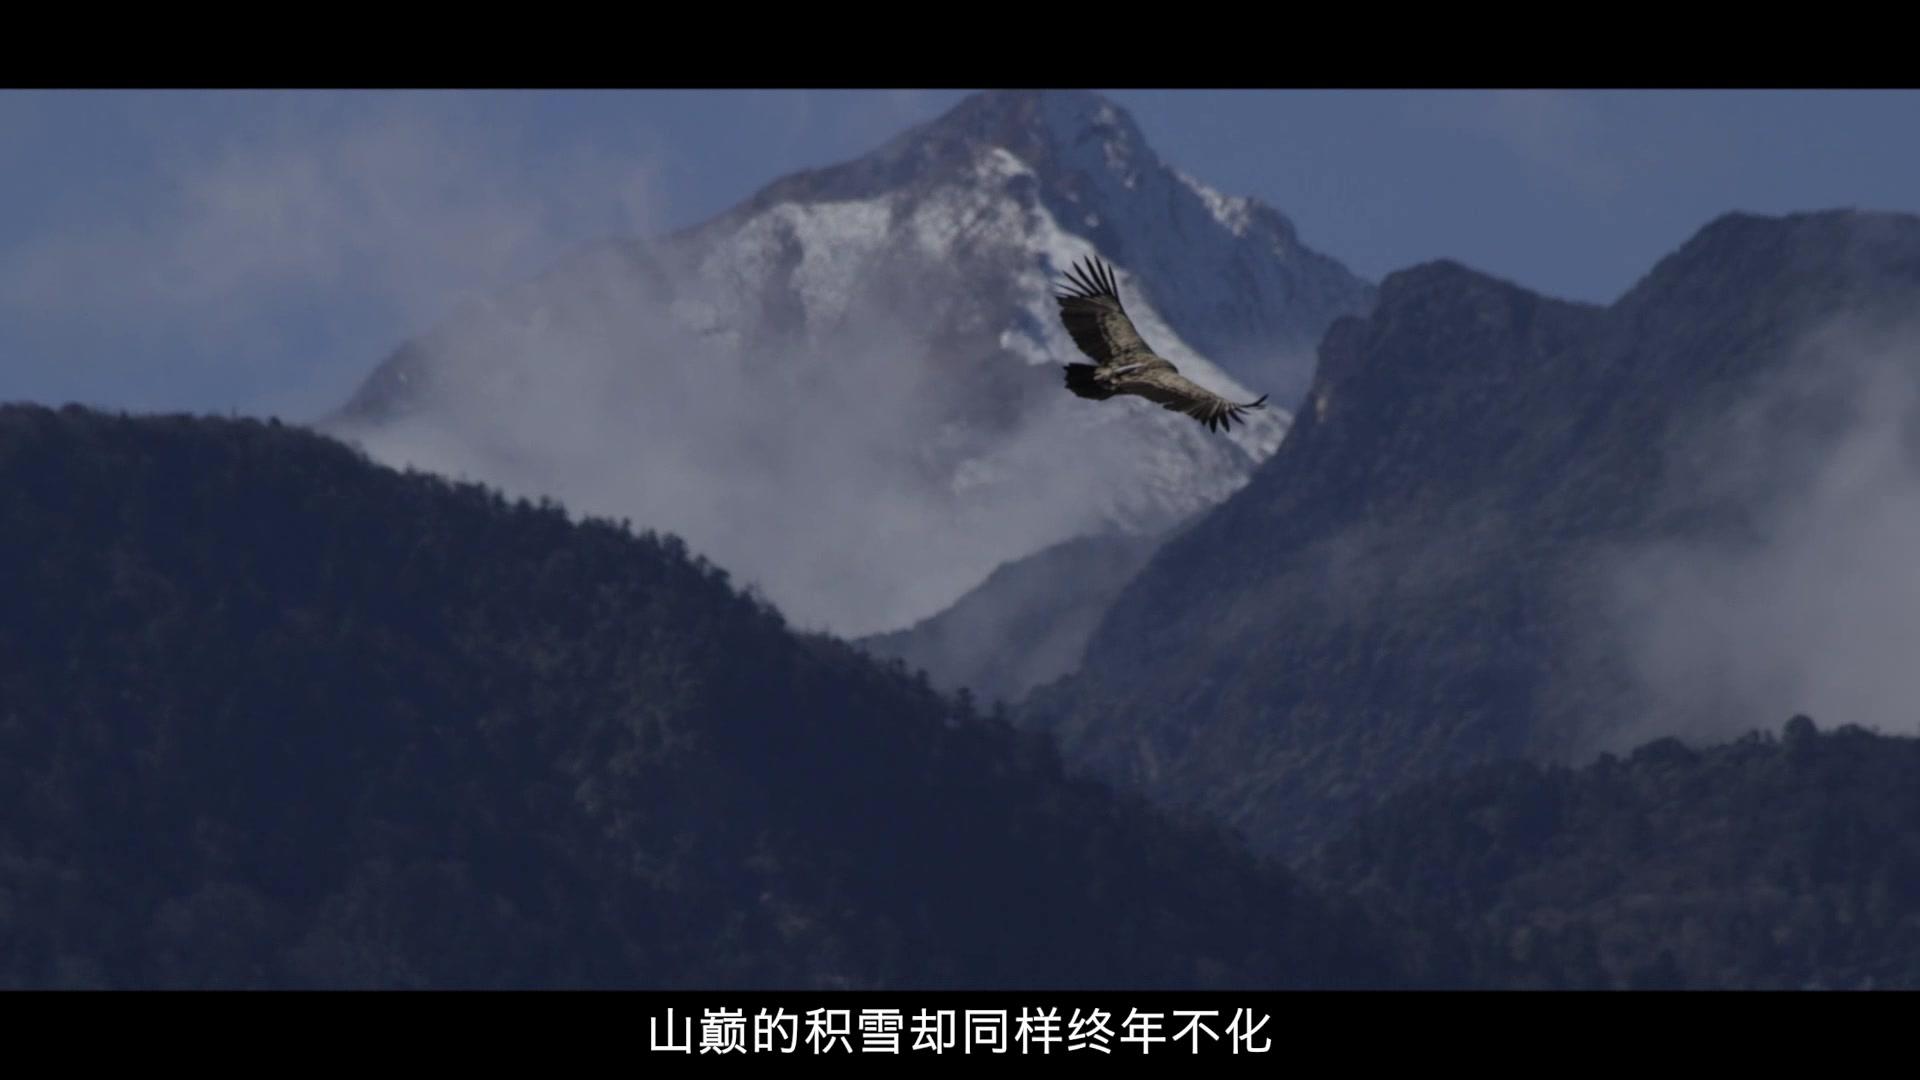 《香巴拉深处》官方2分钟宣传片发布!